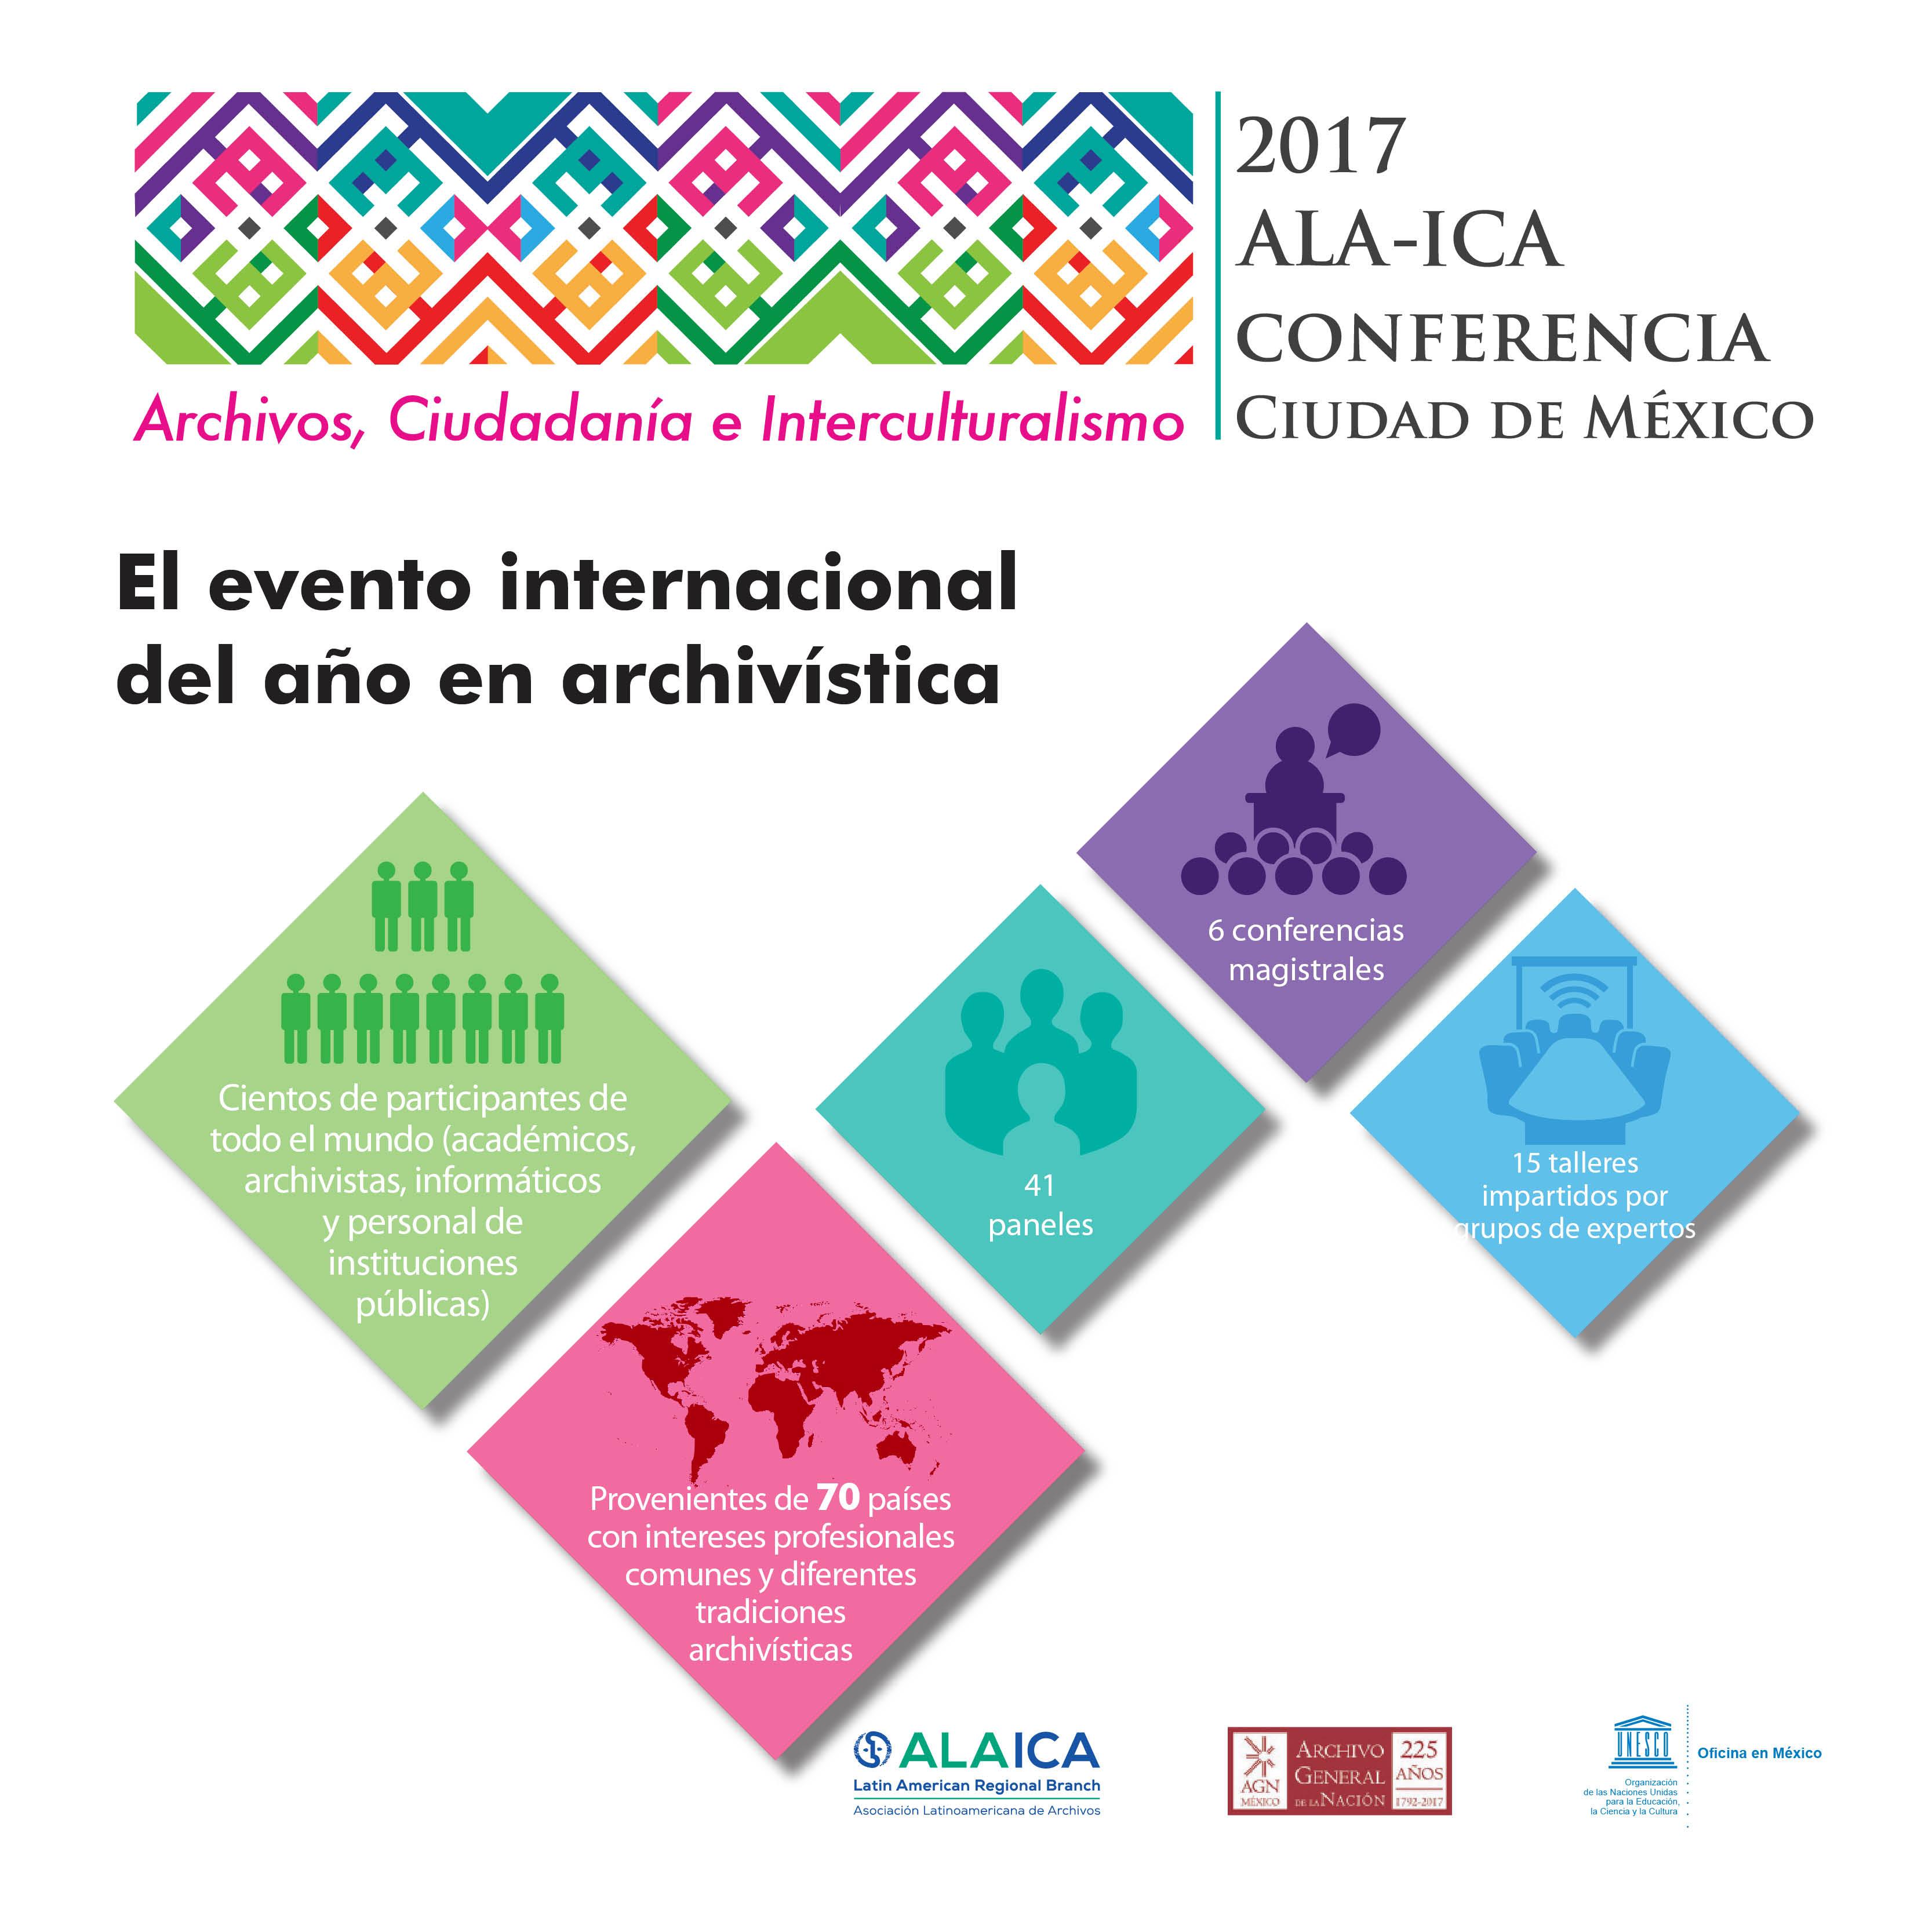 """Apoyo a la """"Conferencia Internacional ALA-ICA. Archivos, Ciudadanía e Interculturalismo"""" que se celebrará en la Ciudad de México, los días 27, 28 y 29 de noviembre de 2017"""